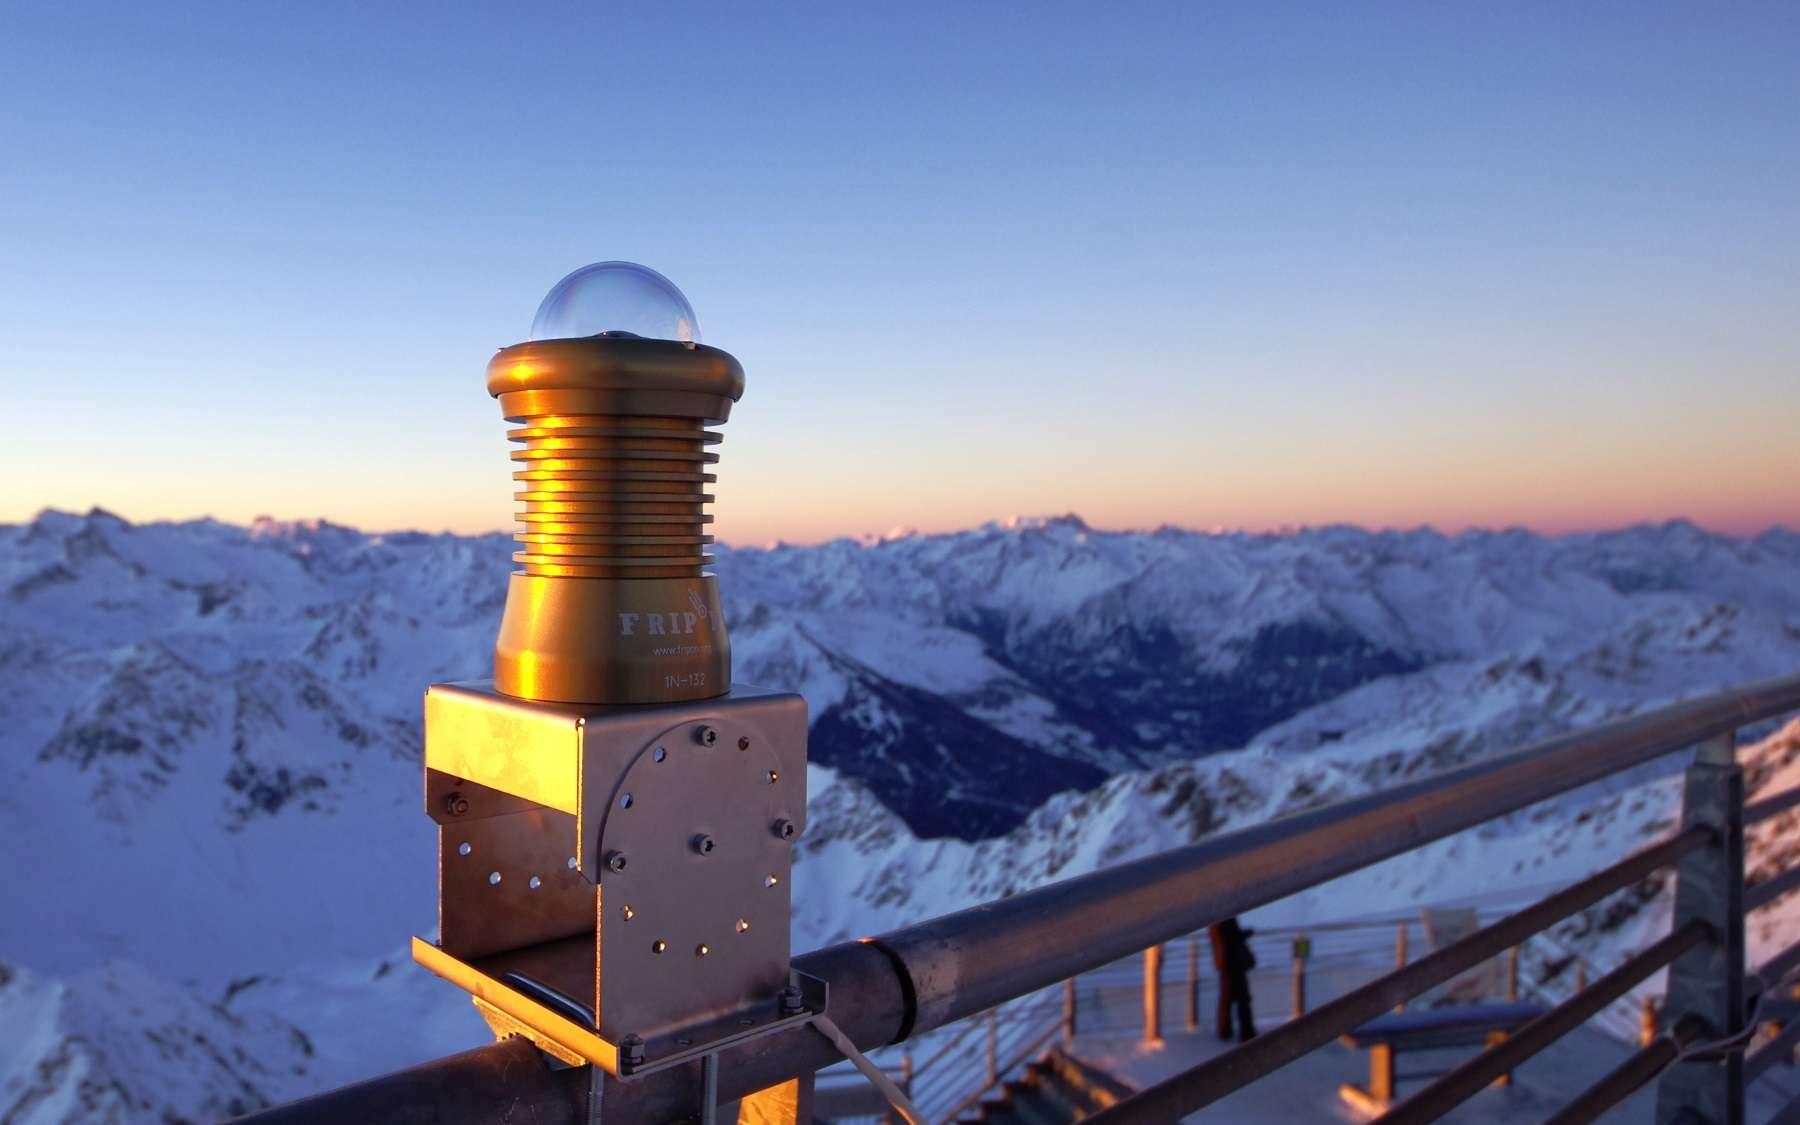 Une caméra Fripon installée dans les Pyrénées, à l'observatoire du Pic du Midi. © Fripon